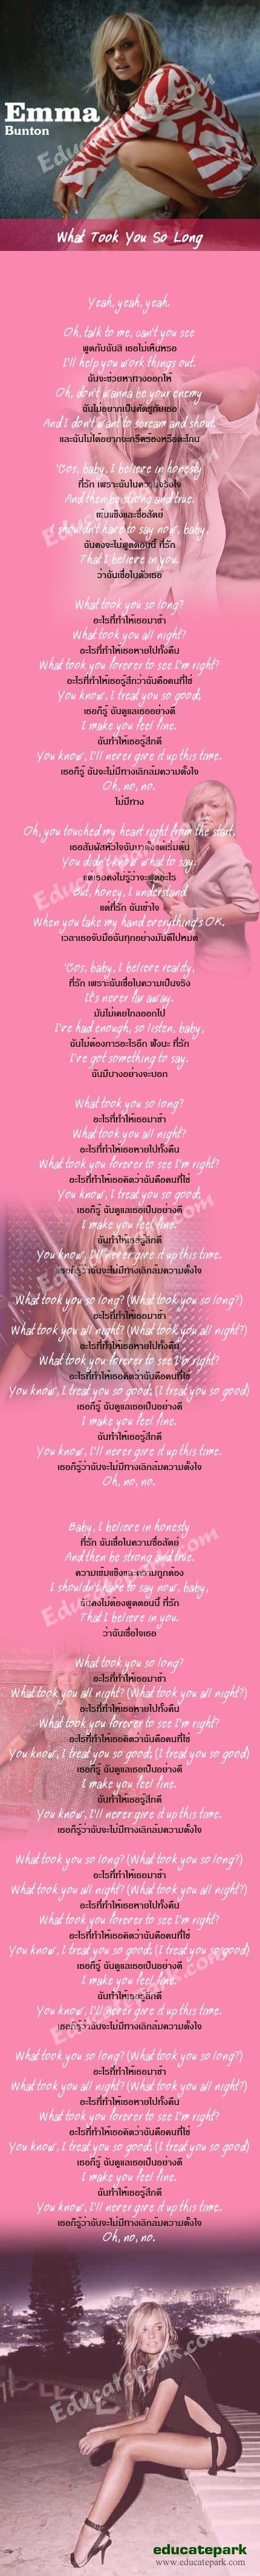 แปลเพลง What Took You So Long - Emma Bunton